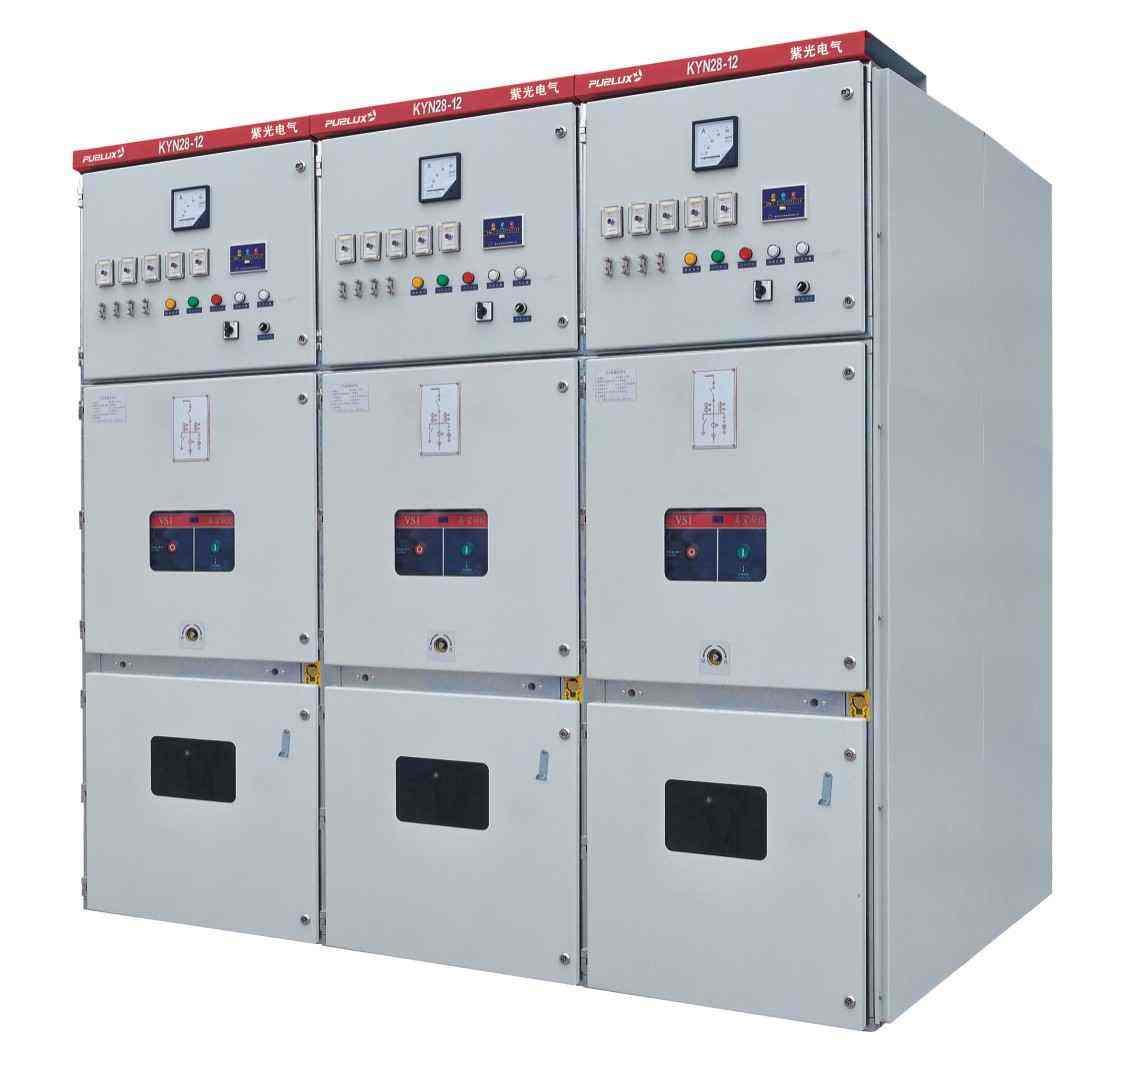 KYN28A-12金属铠装中置移开式开关柜